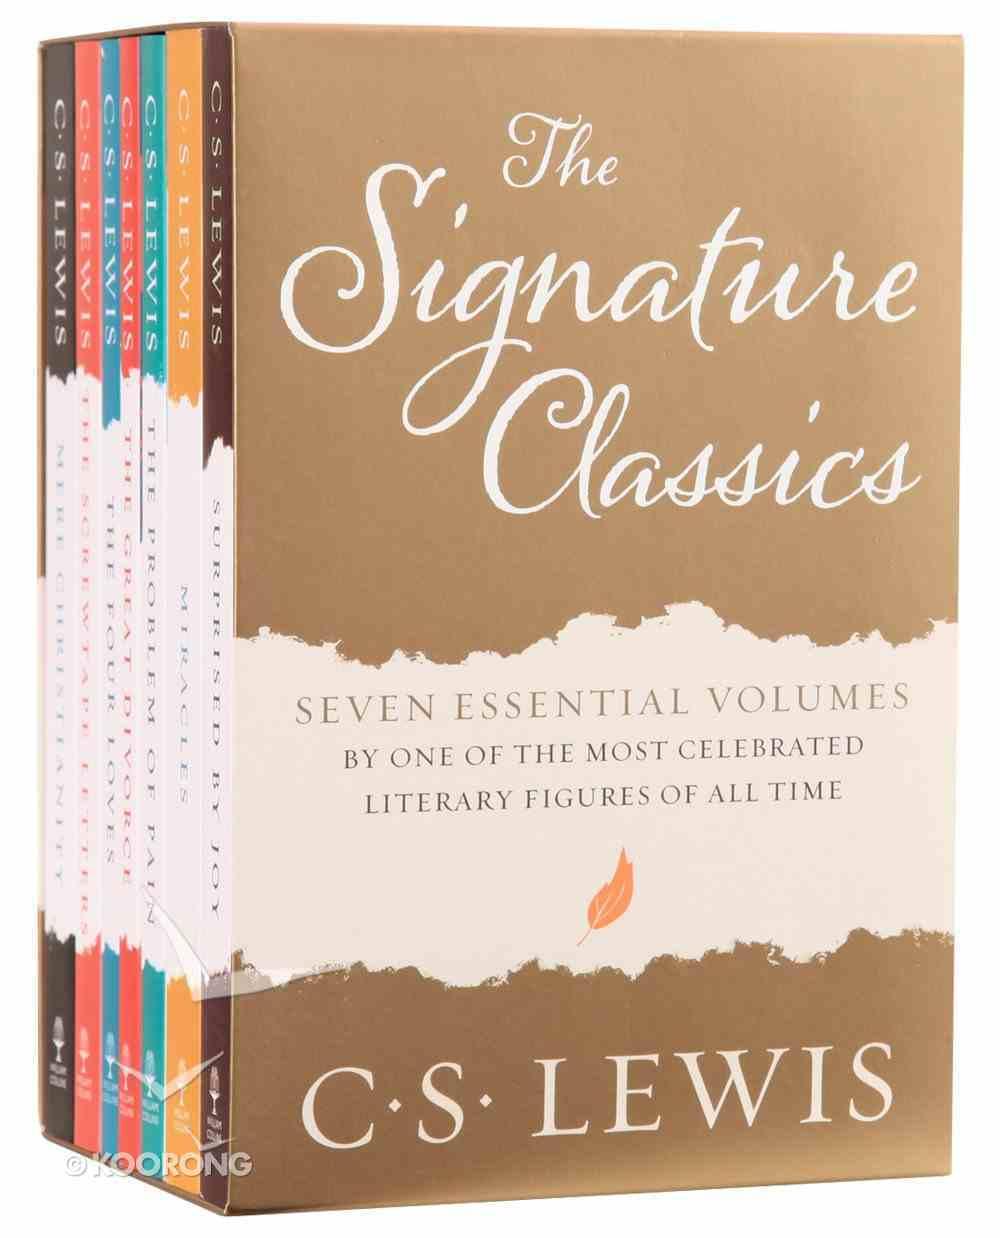 The Complete C S Lewis Signature Classics (7 Volume Set) Box